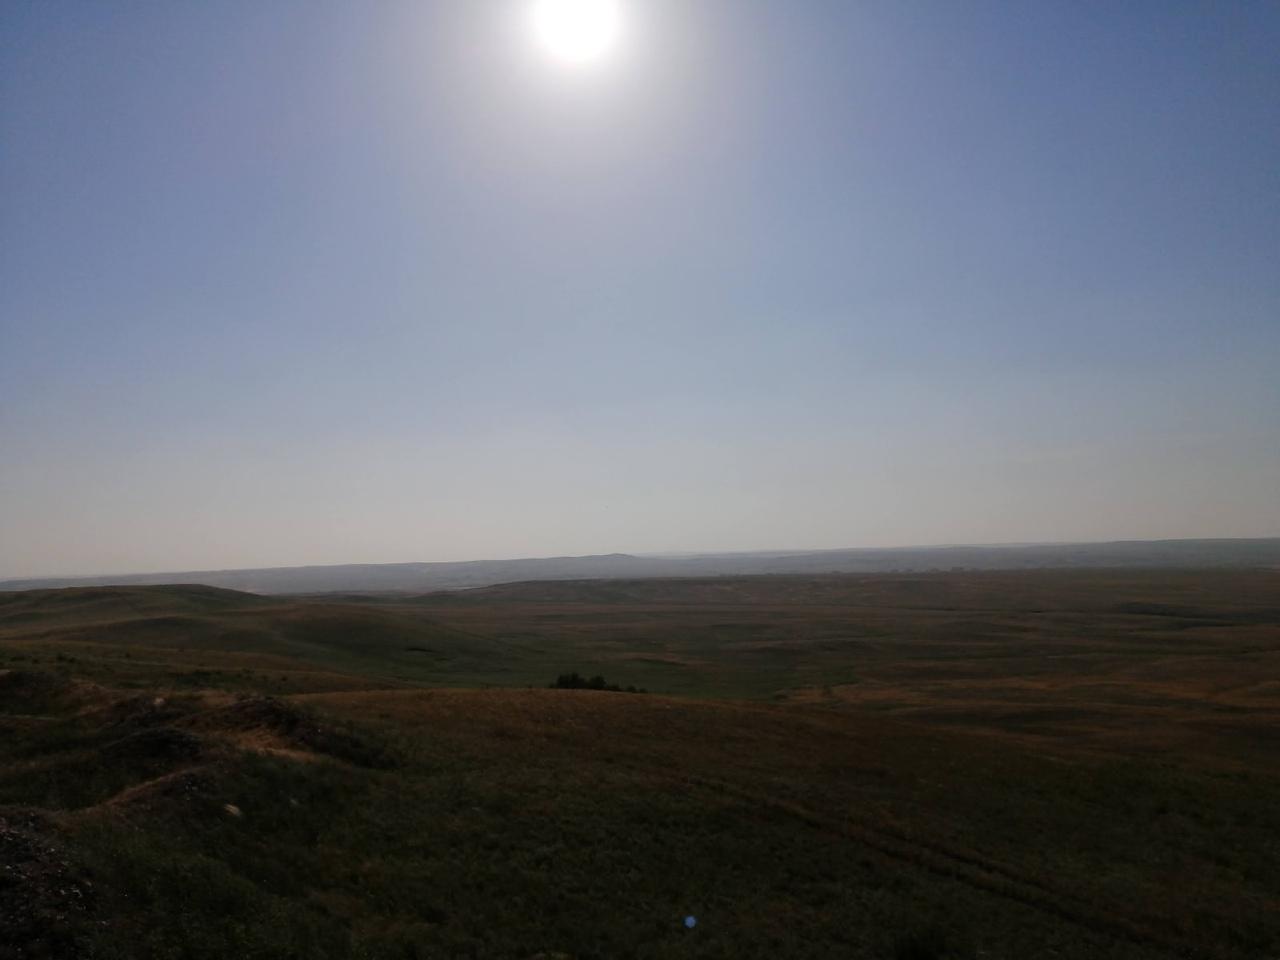 Базарбай, гора Базарбай, Акбулак, малые города, Оренбургская область